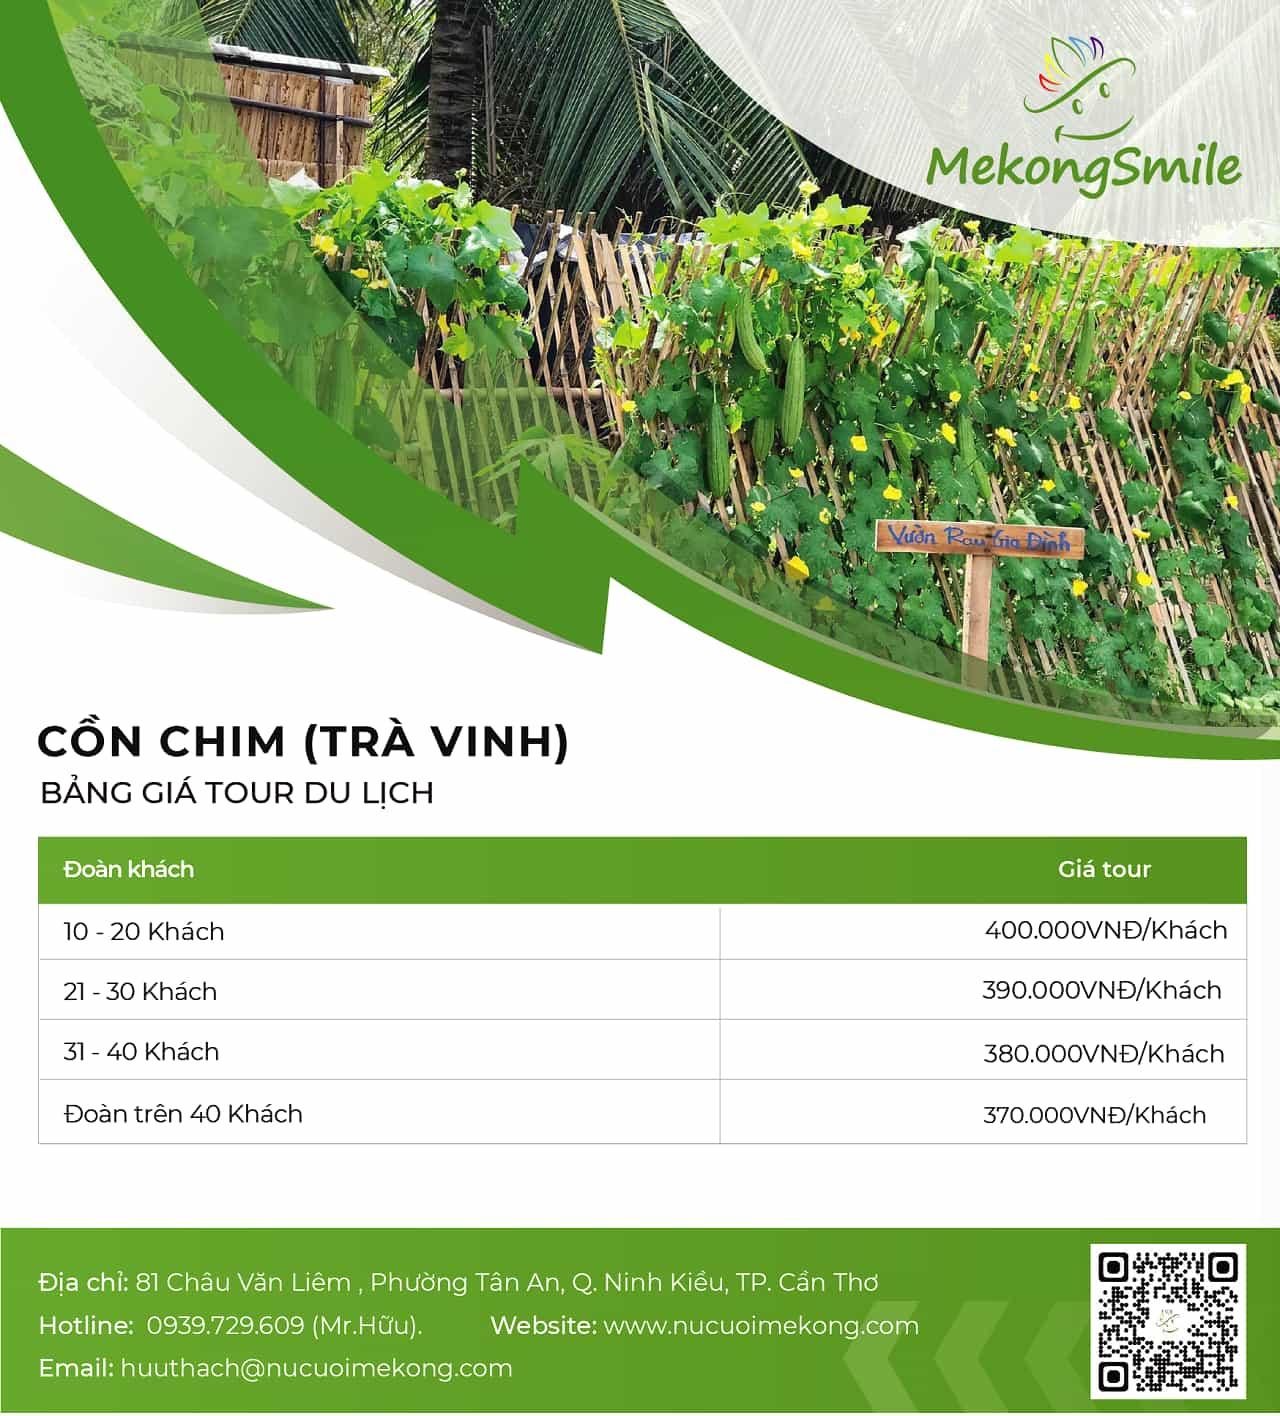 Bảng giá tour Trà Vinh Cồn Chim 1 ngày